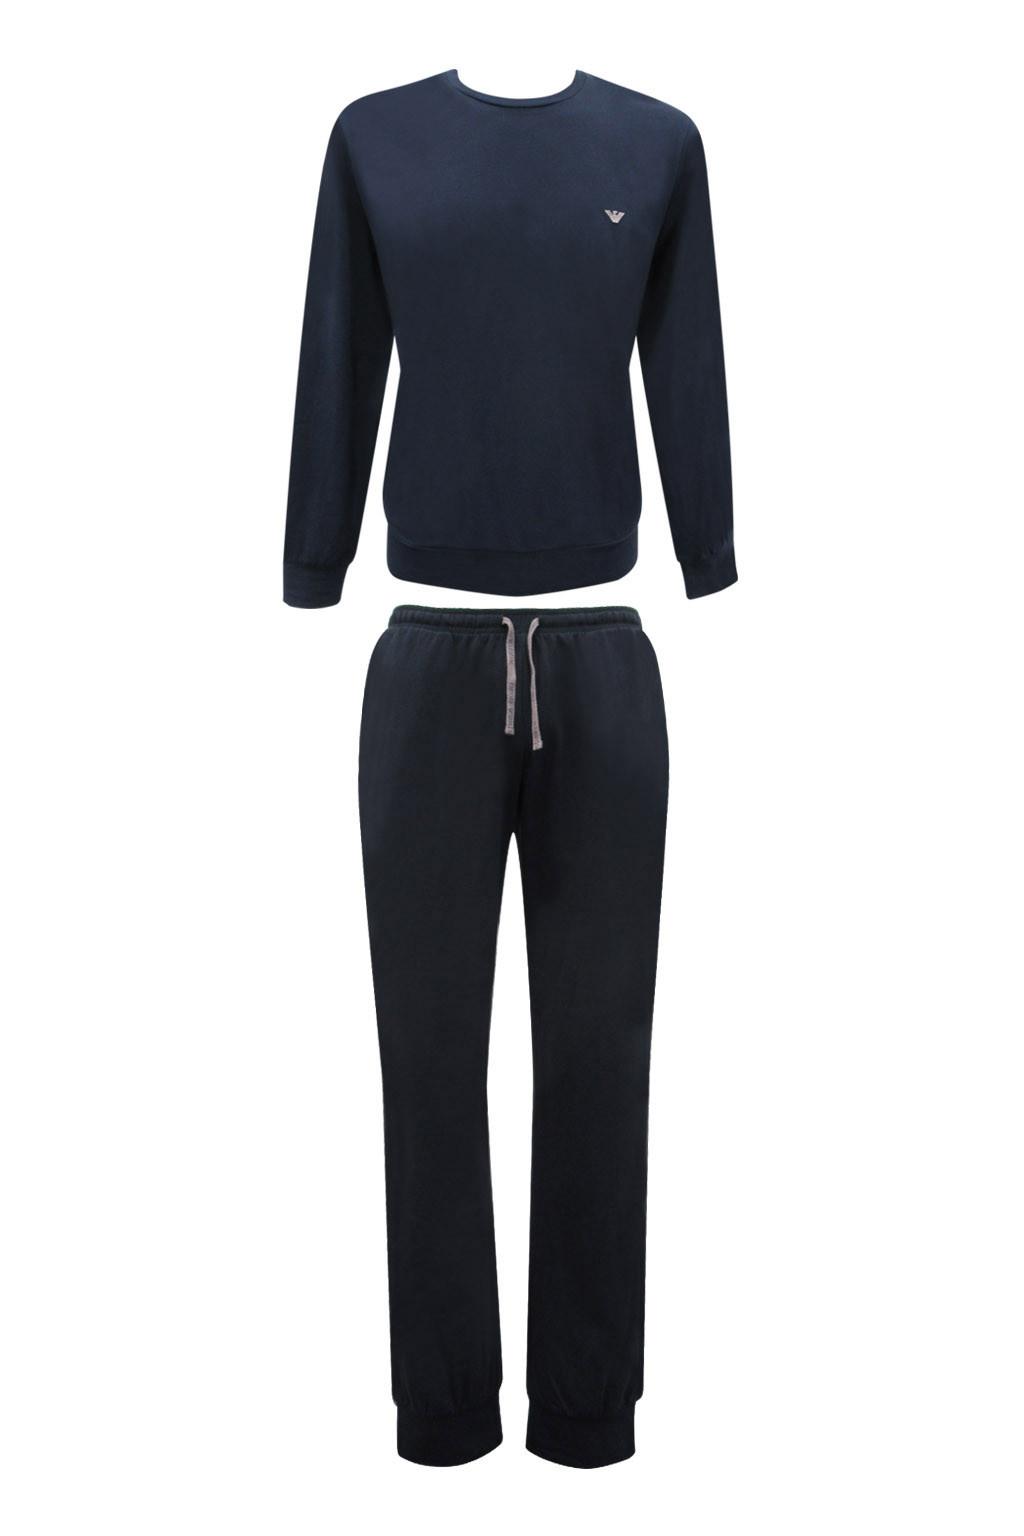 Pánské pyžamo 111794 CC570 00135 modrá - Emporio Armani modrá S